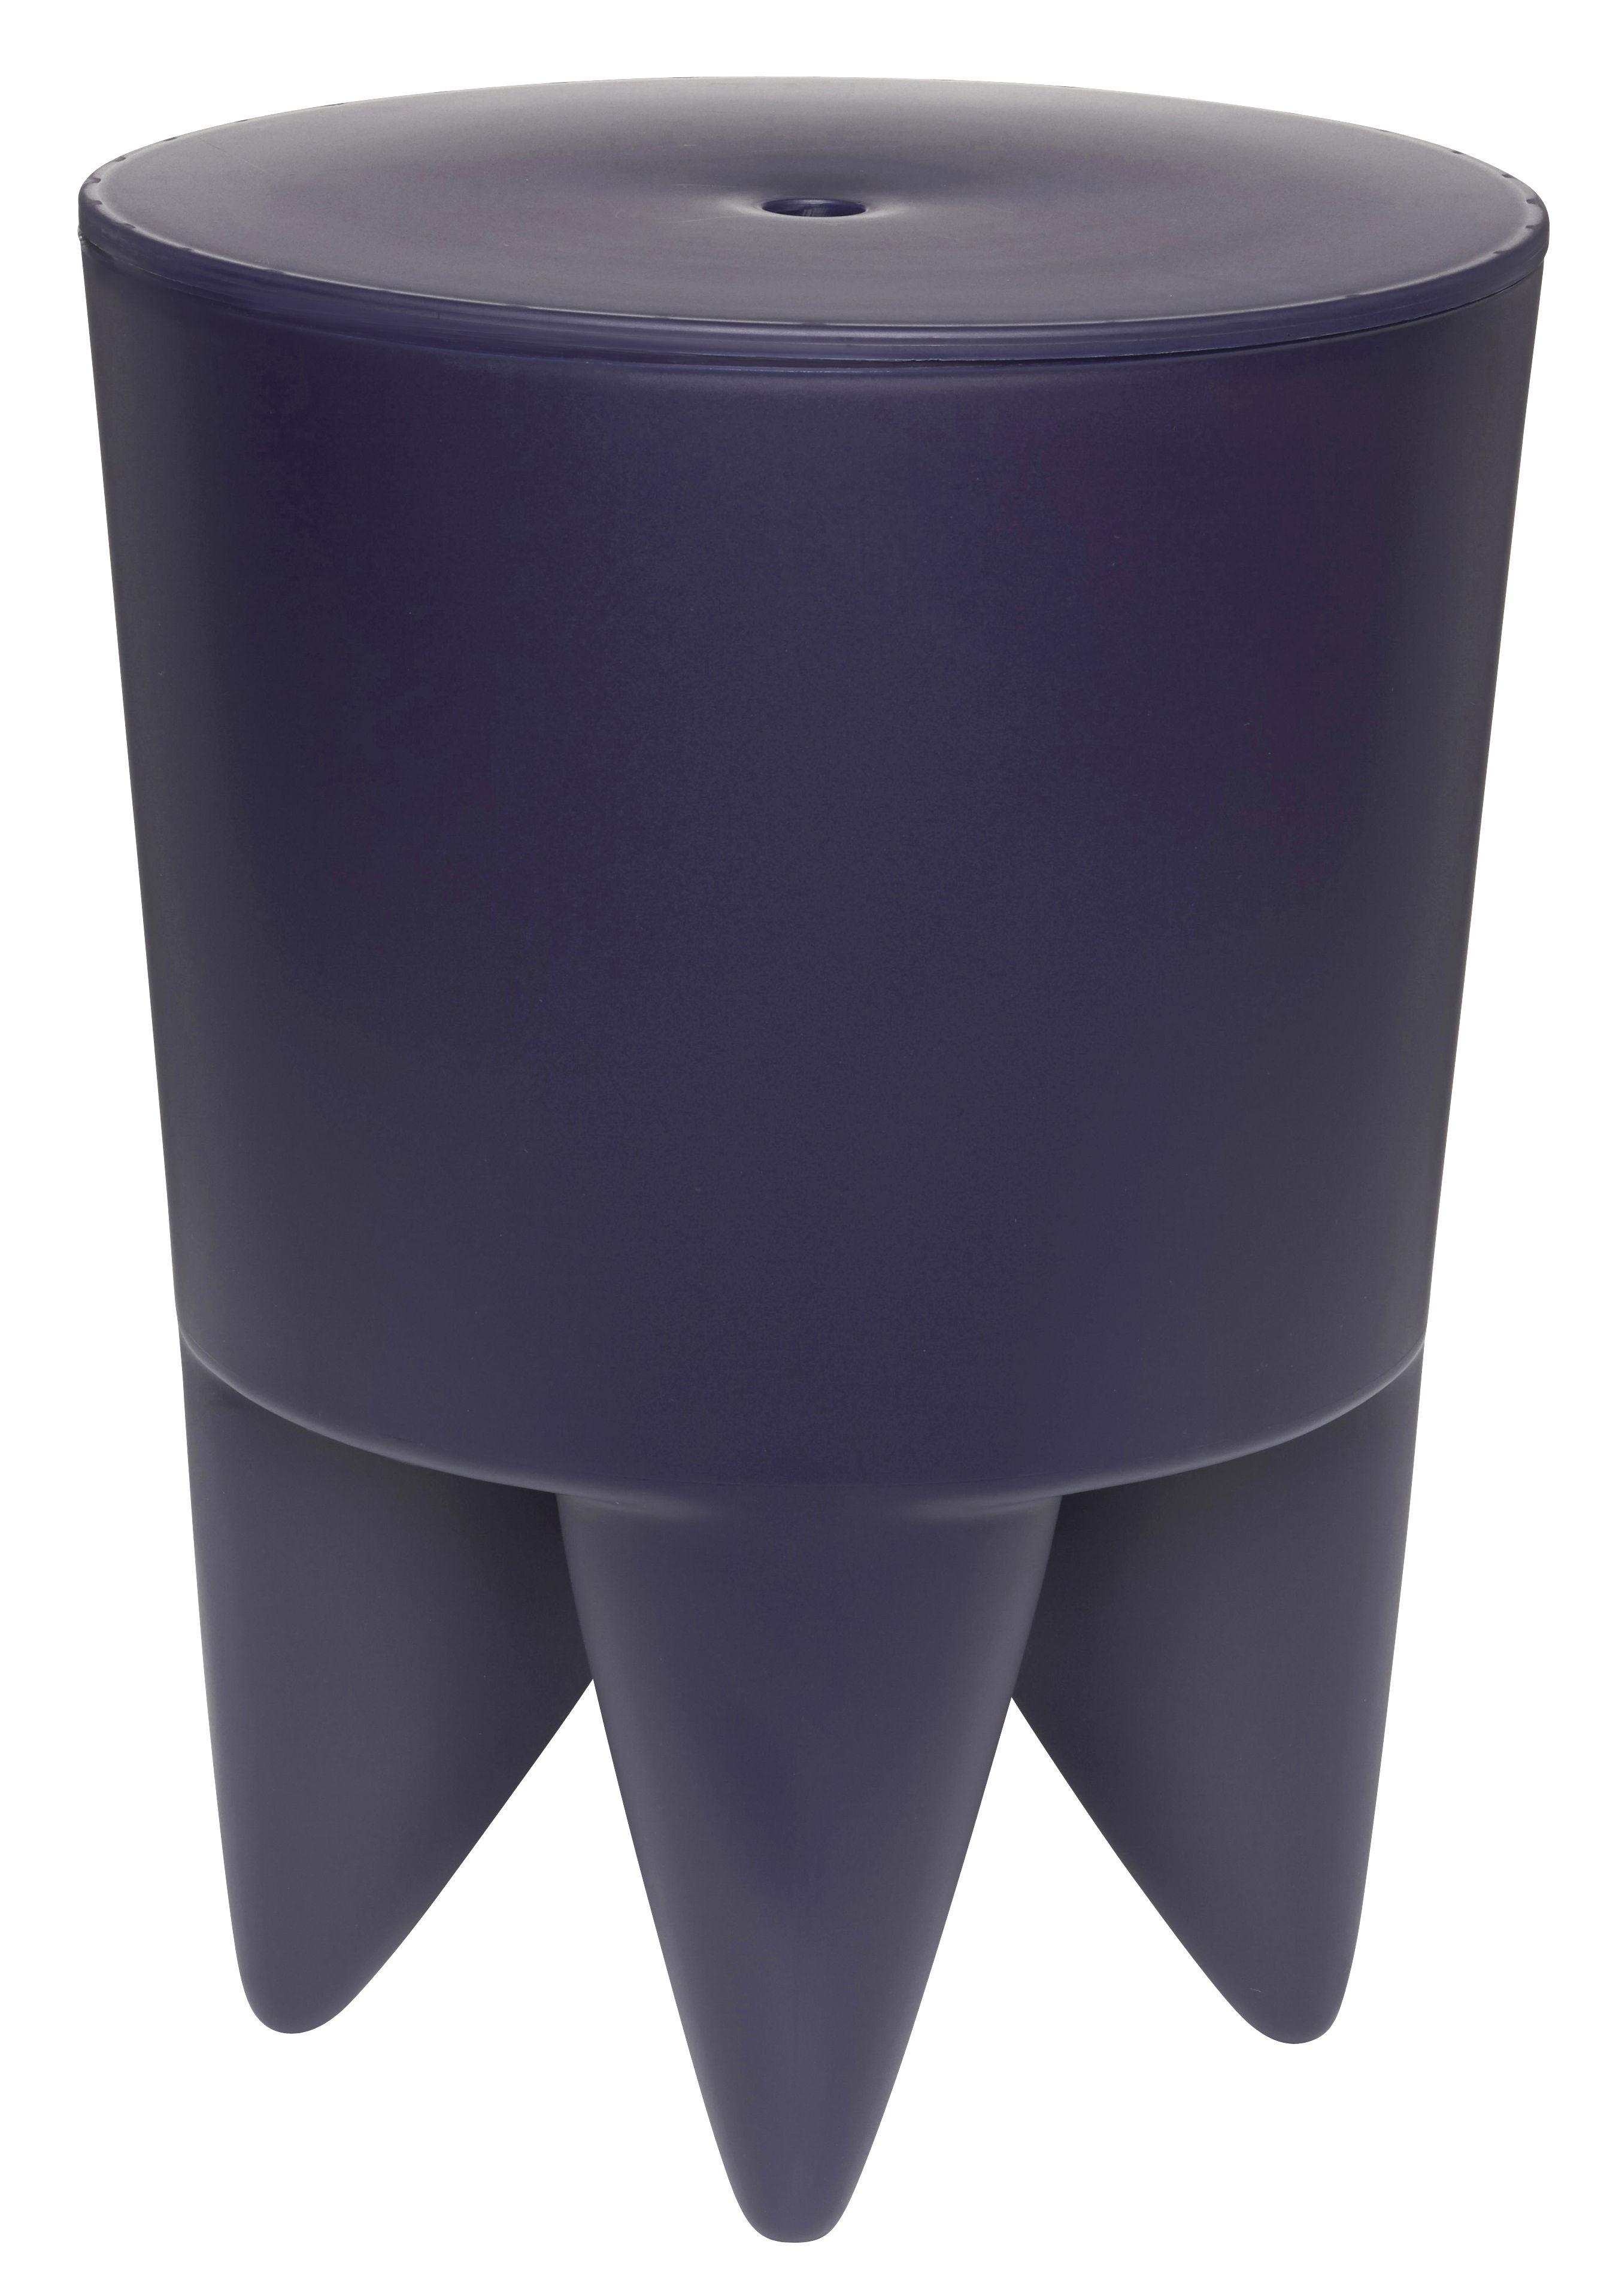 tabouret new bubu 1er coffre plastique marine translucide xo. Black Bedroom Furniture Sets. Home Design Ideas